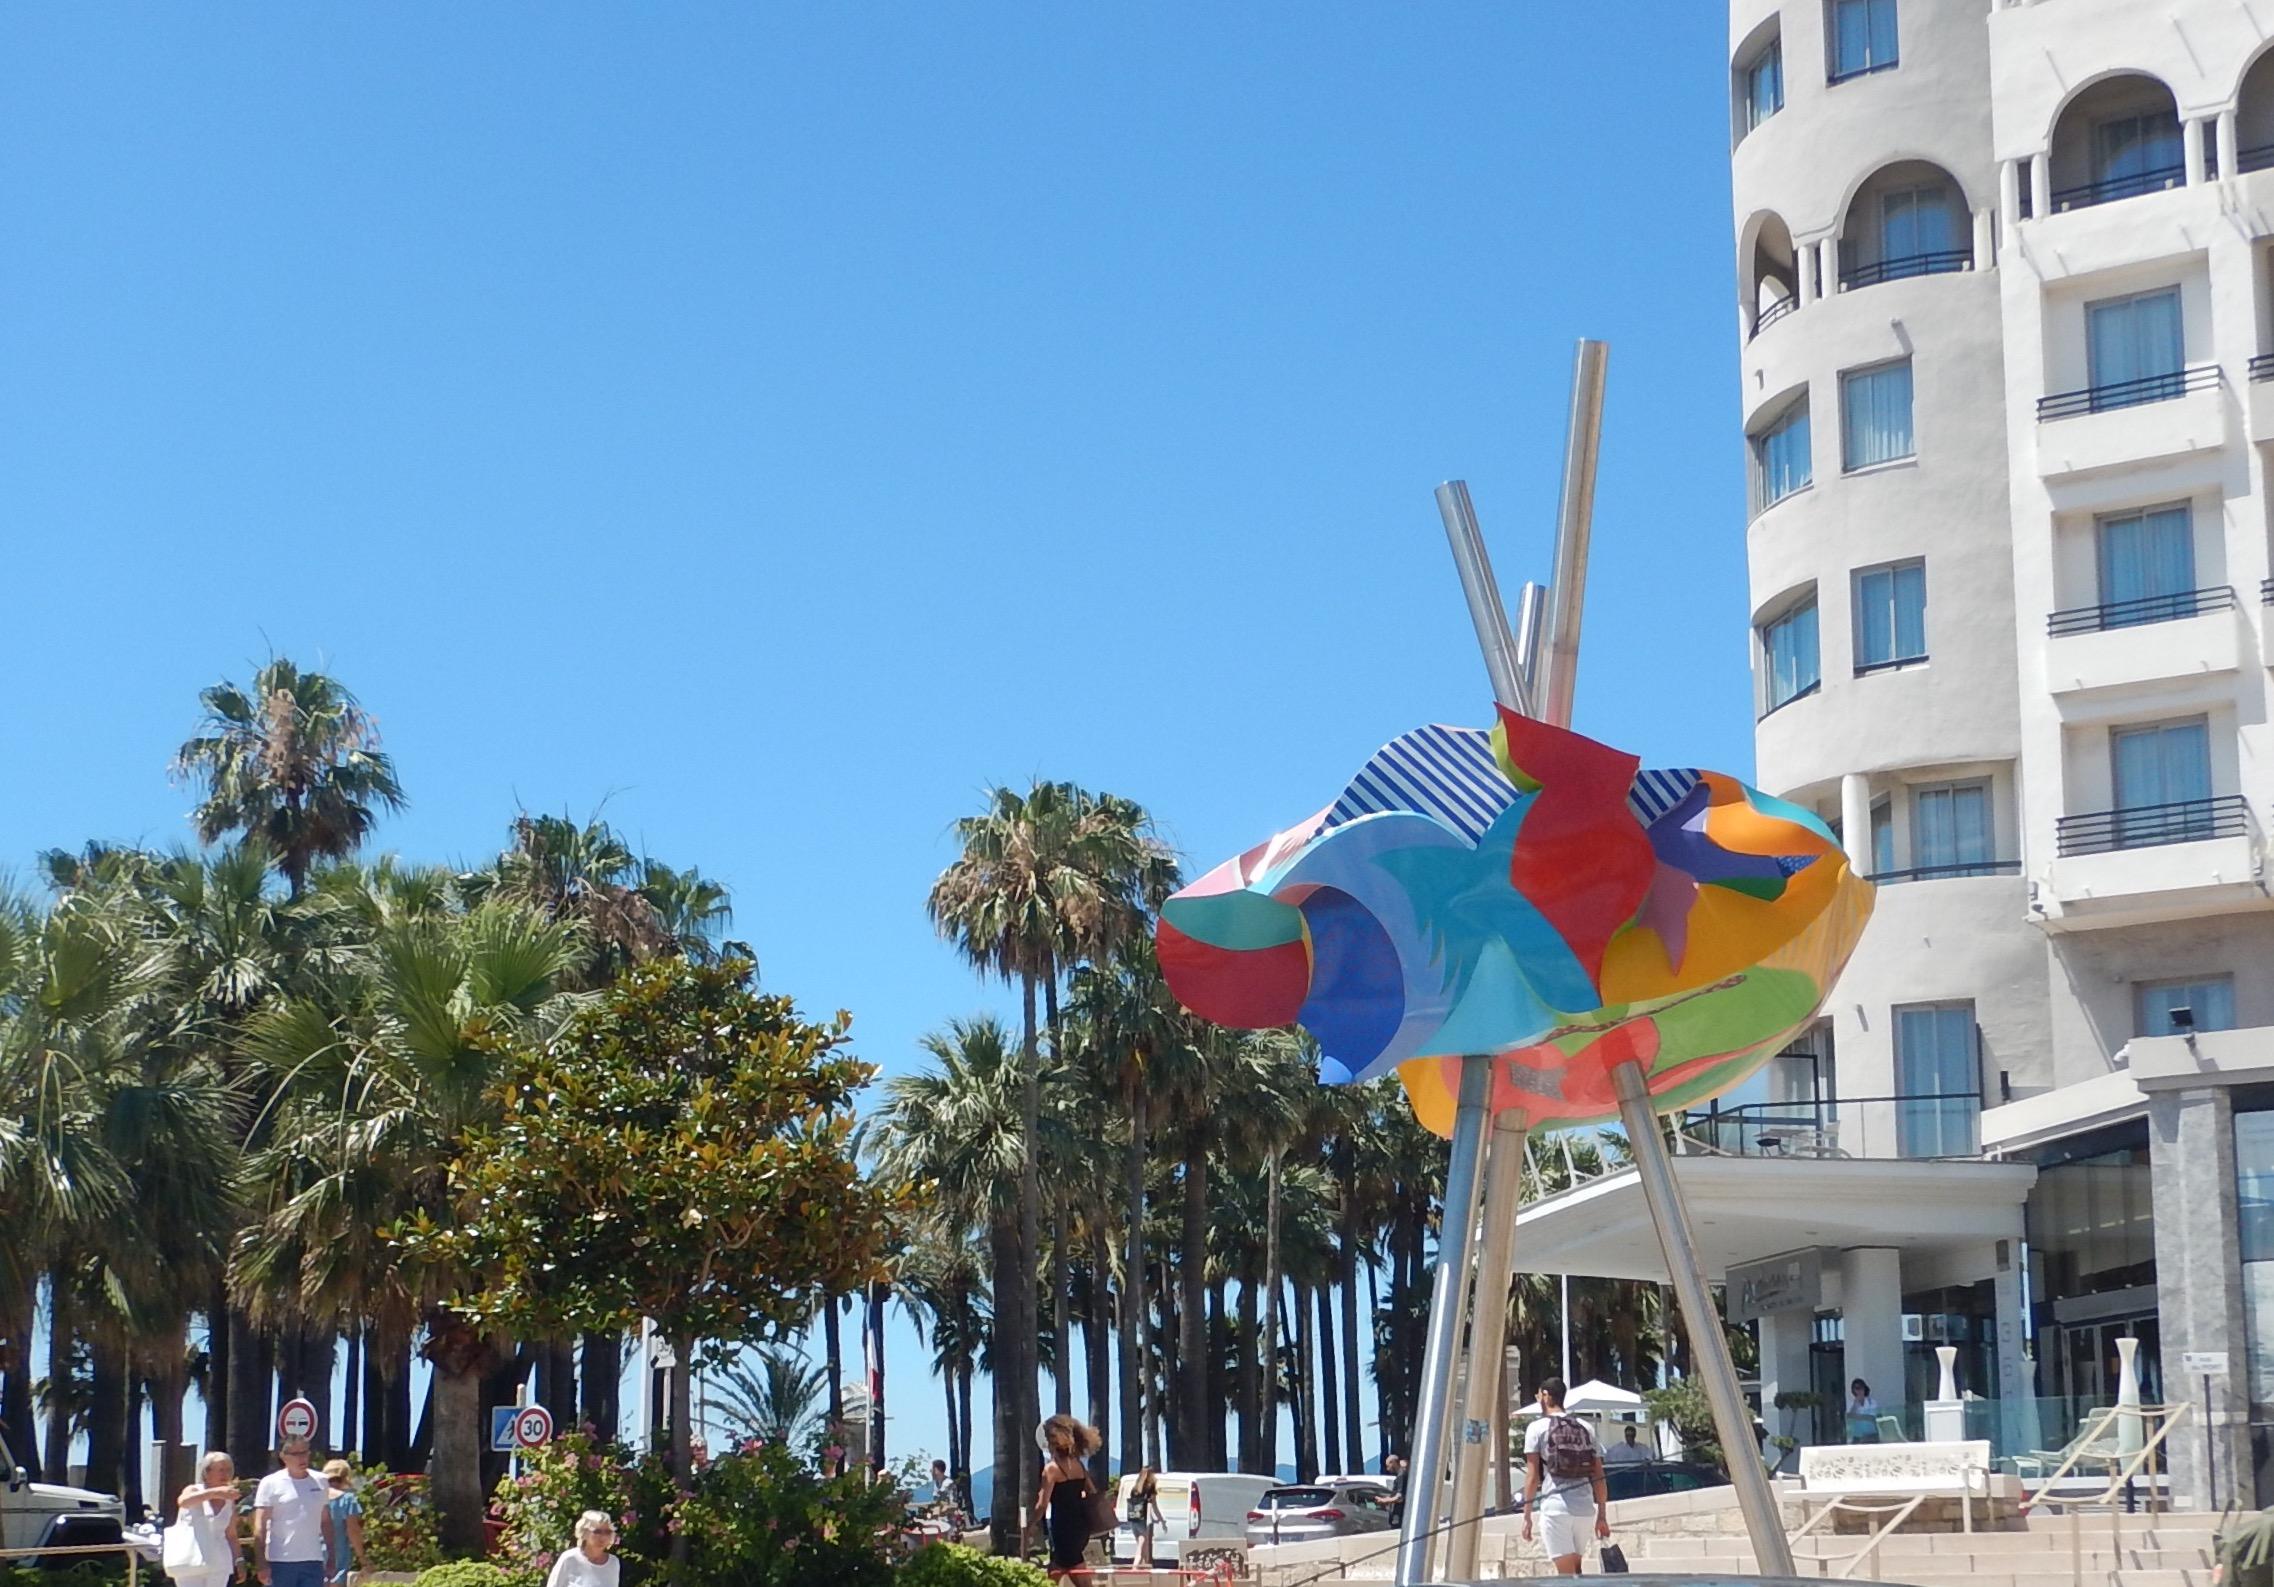 Cannes sculpture